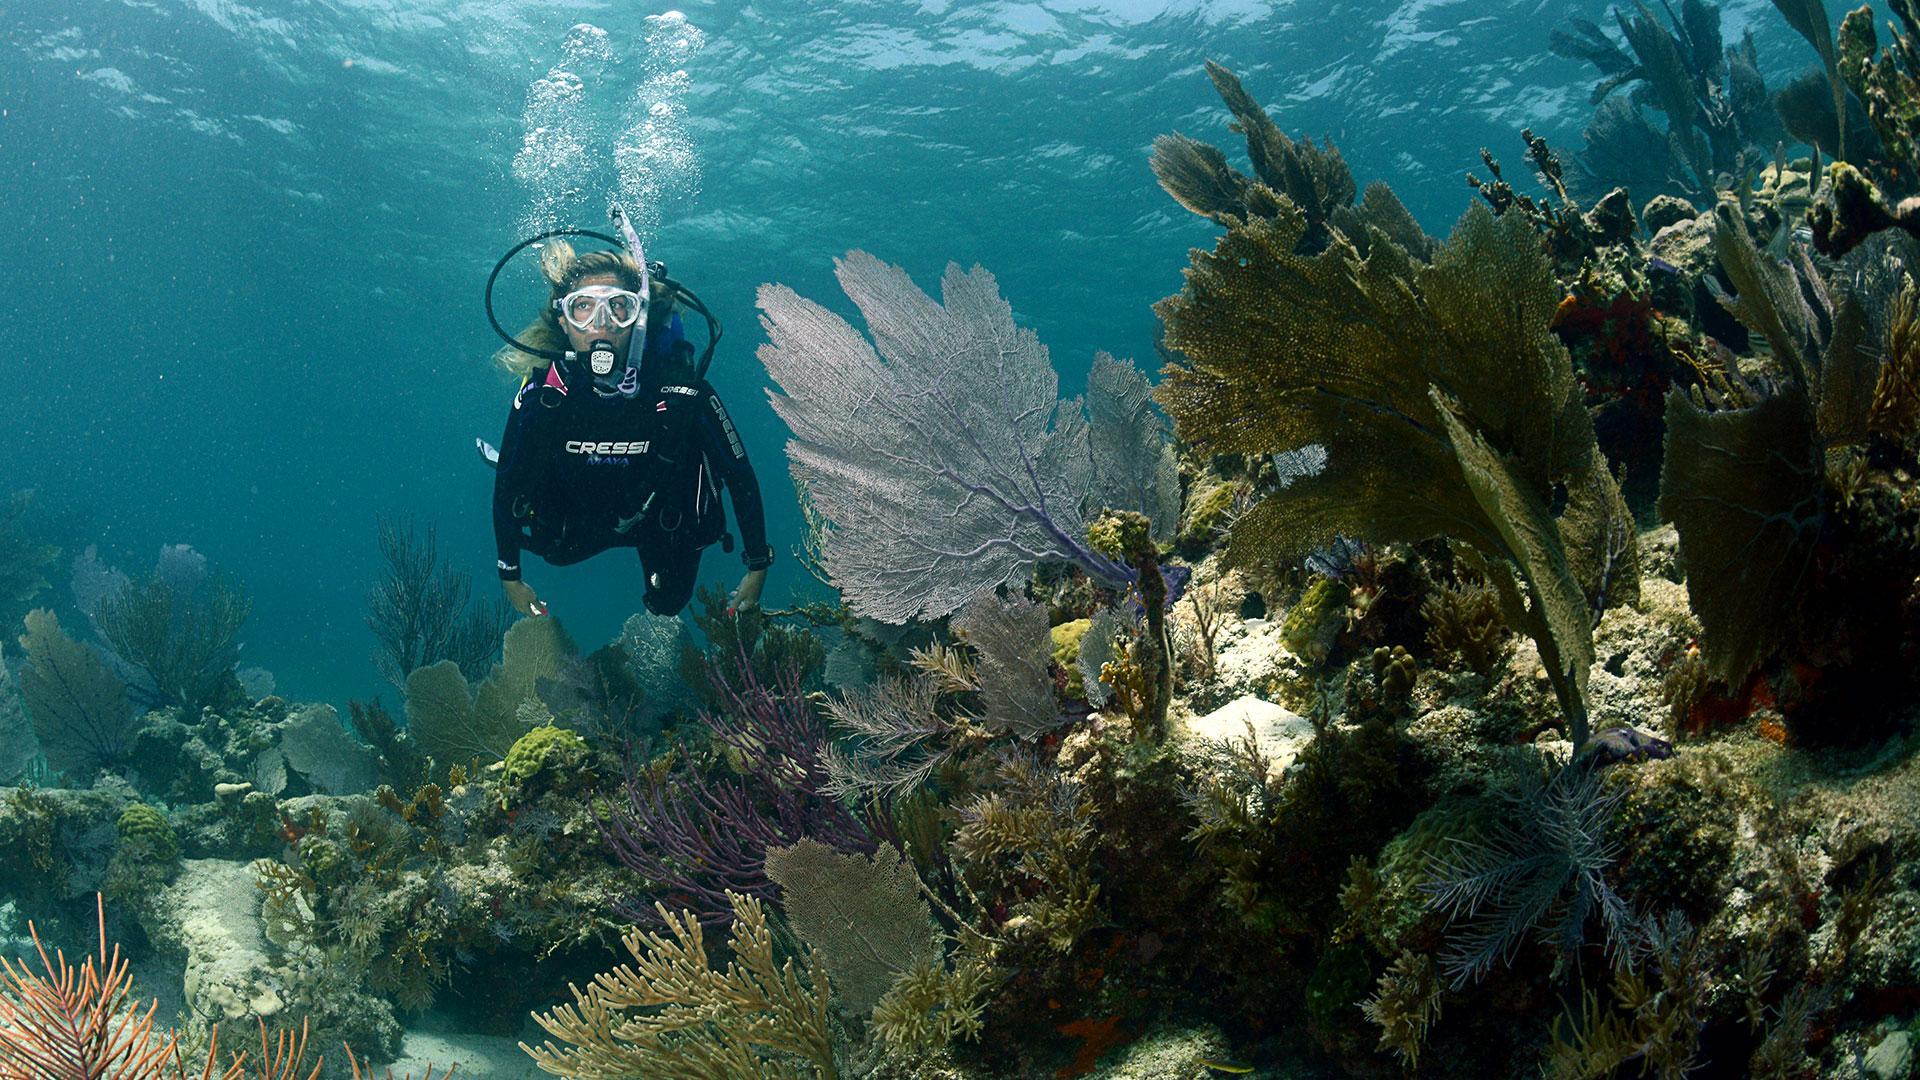 Купаться рядом с морской растительностью безопаснее